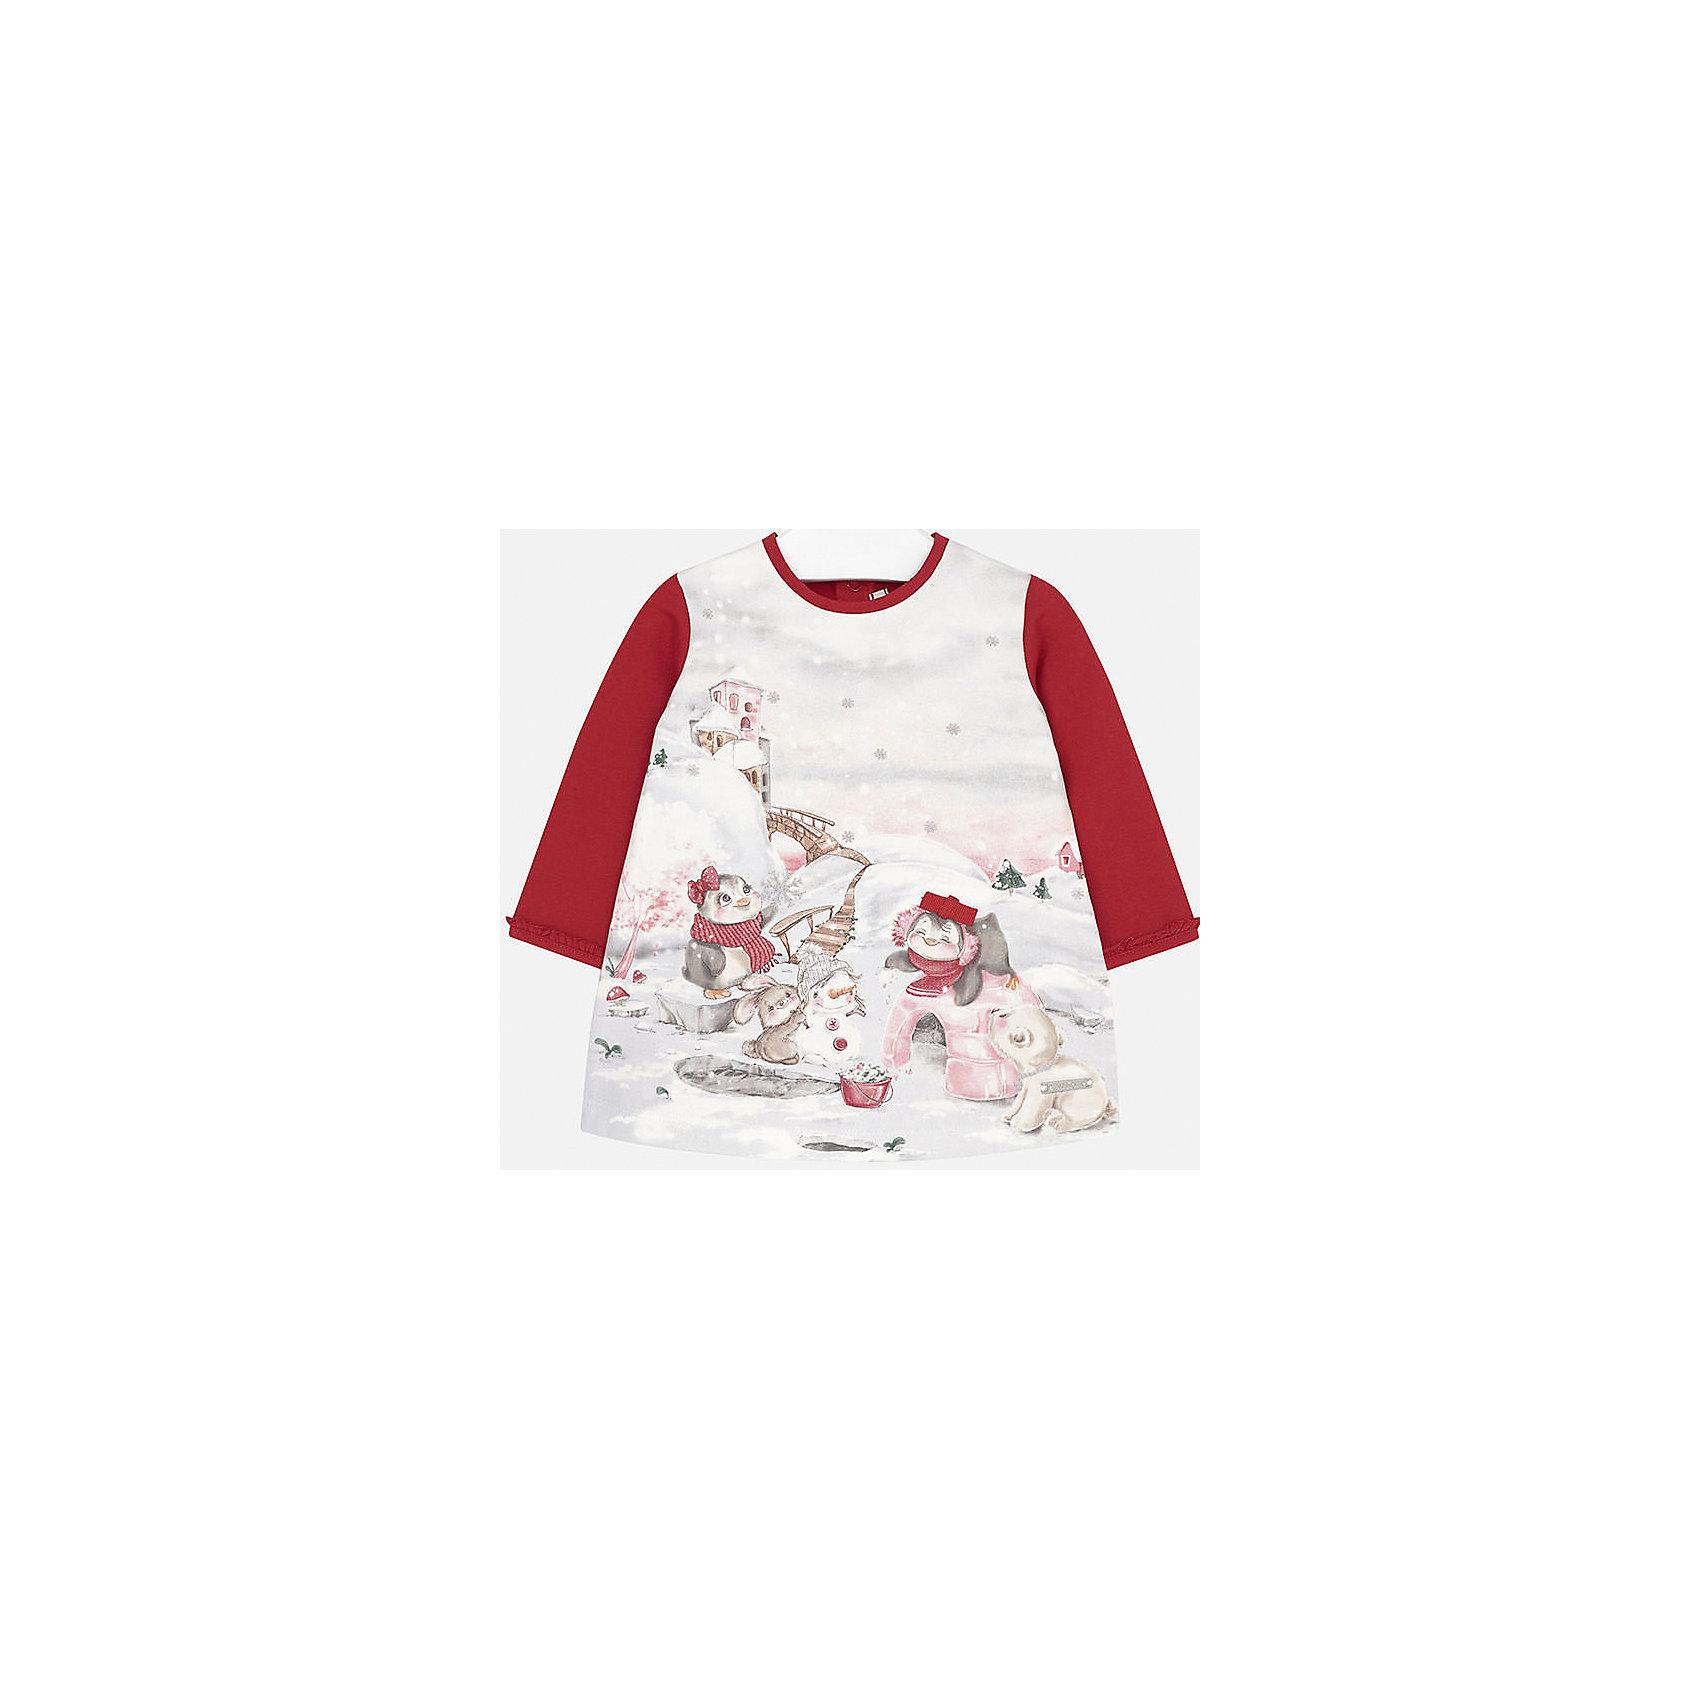 Платье для девочки MayoralПлатье торговой марки    Майорал -Mayoral  -  это очень стильно, модно и практично! Модное трикотажное платье в стиле casual с красным принтом впереди. Несомненно в таком платье Ваша дочка будет очень стильной.<br><br>Дополнительная информация: <br><br>-  цвет: красный<br>-  состав: хлопок 95%,эластан 5%<br>-  вырез горловины: округлый<br>-  длина рукава: длинные<br>-  длина изделия: по спинке: 38 см<br>-  вид застежки: без застежки<br>-  покрой: прямой<br>-  фактура материала: трикотажный<br>-  длина юбки: миди<br>-  тип карманов: без карманов<br>-  уход за вещами: бережная стирка при 30 градусах<br>-  назначение: повседневная<br>-  конструктивные элементы: без разреза<br>-  сезон: круглогодичный<br>-  пол: девочки<br>-  страна бренда: Испания<br>-  страна производитель: Индия<br>-  комплектация: платье<br><br>Платье для девочки торговой марки Mayoral можно купить в нашем интернет-магазине.<br><br>Ширина мм: 236<br>Глубина мм: 16<br>Высота мм: 184<br>Вес г: 177<br>Цвет: красный<br>Возраст от месяцев: 12<br>Возраст до месяцев: 18<br>Пол: Женский<br>Возраст: Детский<br>Размер: 86,80,74,92<br>SKU: 4846258